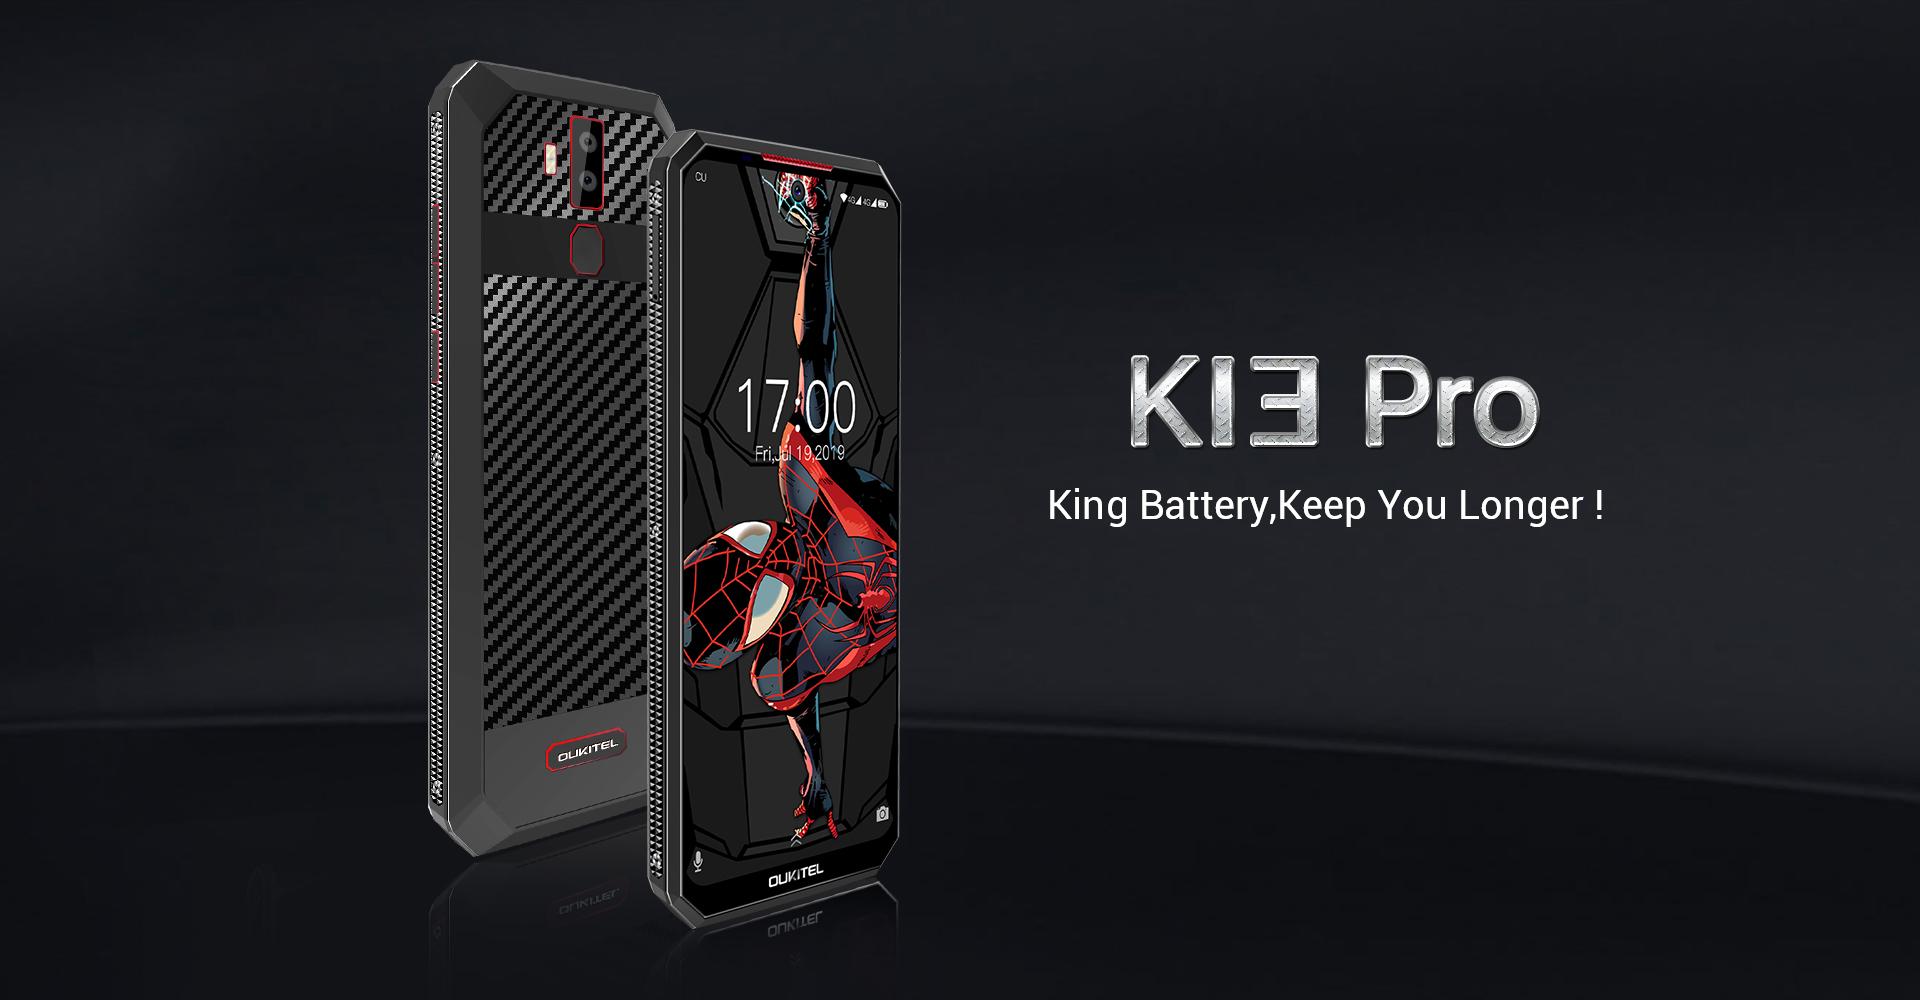 Oukitel K13 Pro překvapí 11 000mAh baterií